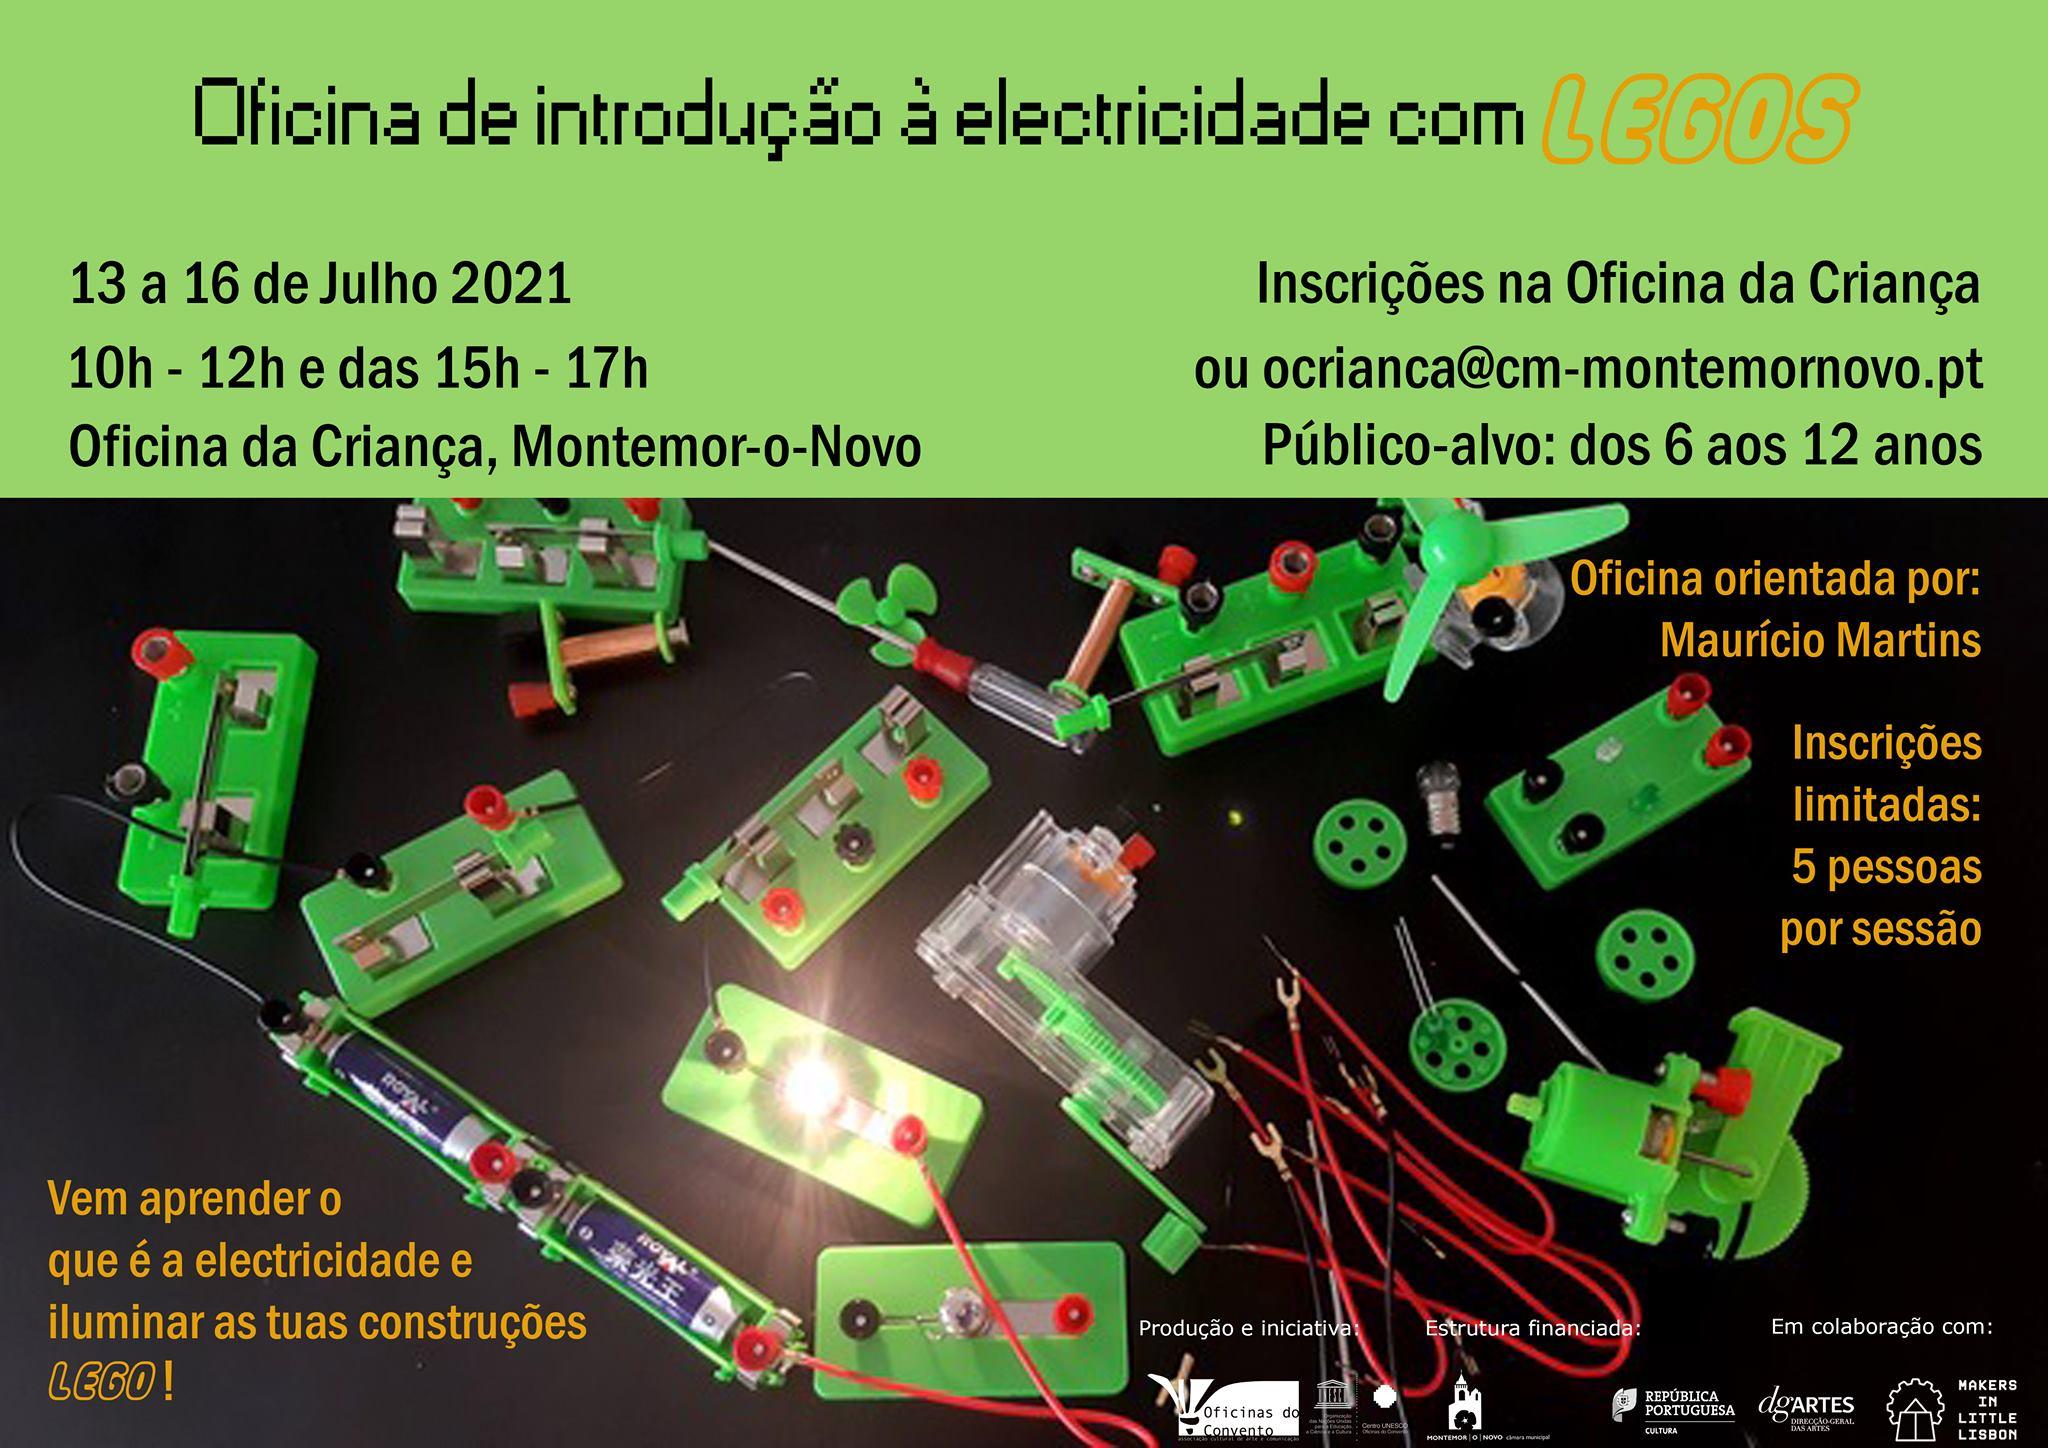 Oficina de introdução à electricidade com Legos